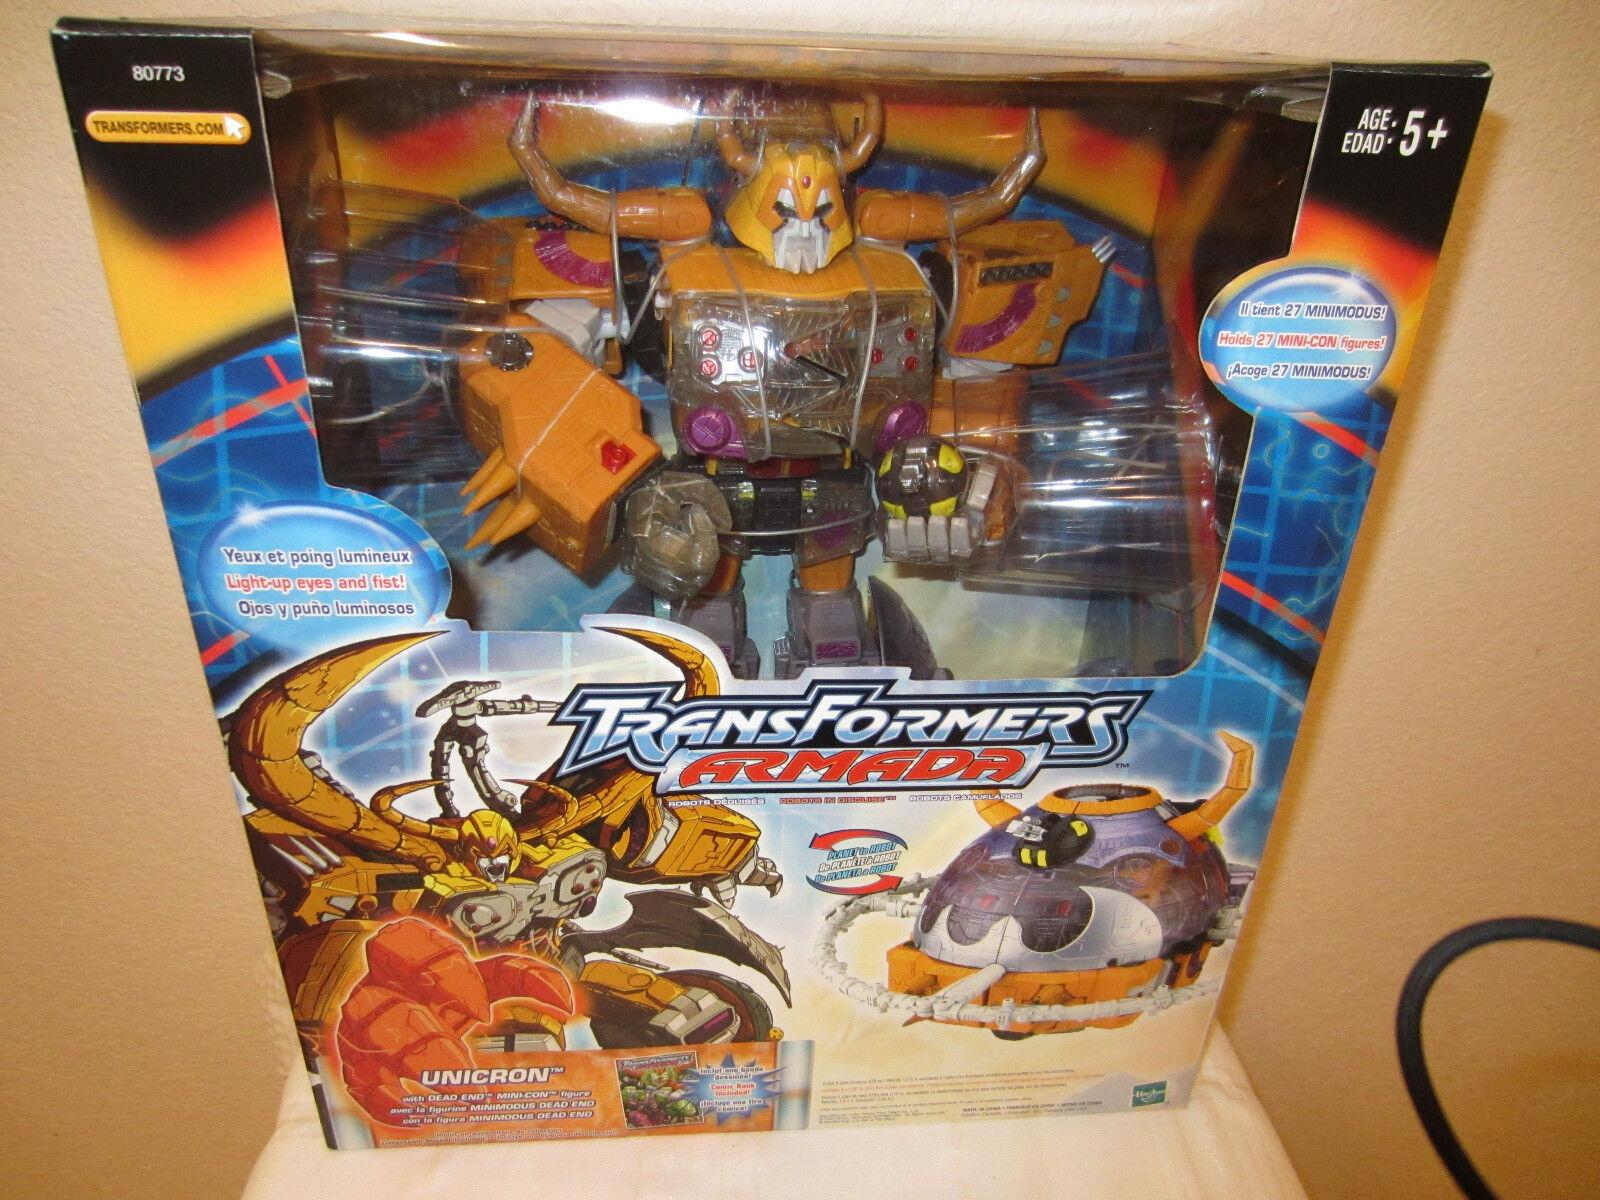 precios al por mayor Transformers Transformers Transformers 2003 Armada 15in Figura de Acción Unicron + callejón sin salida mini-con, Comic B Nuevo  despacho de tienda